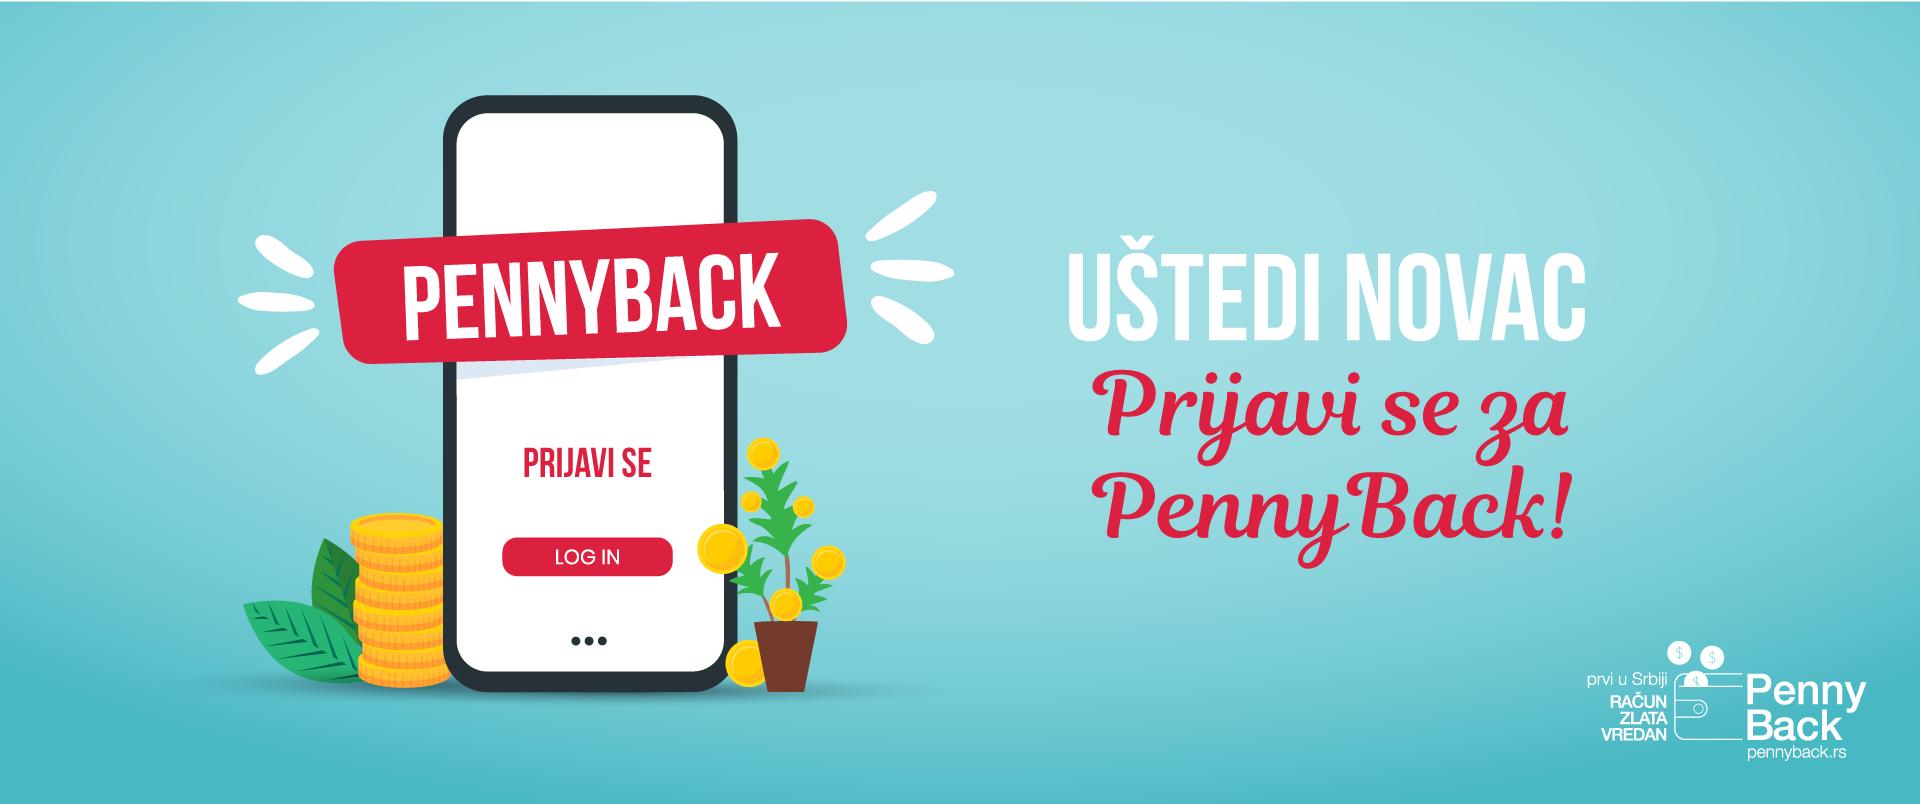 PennyBack